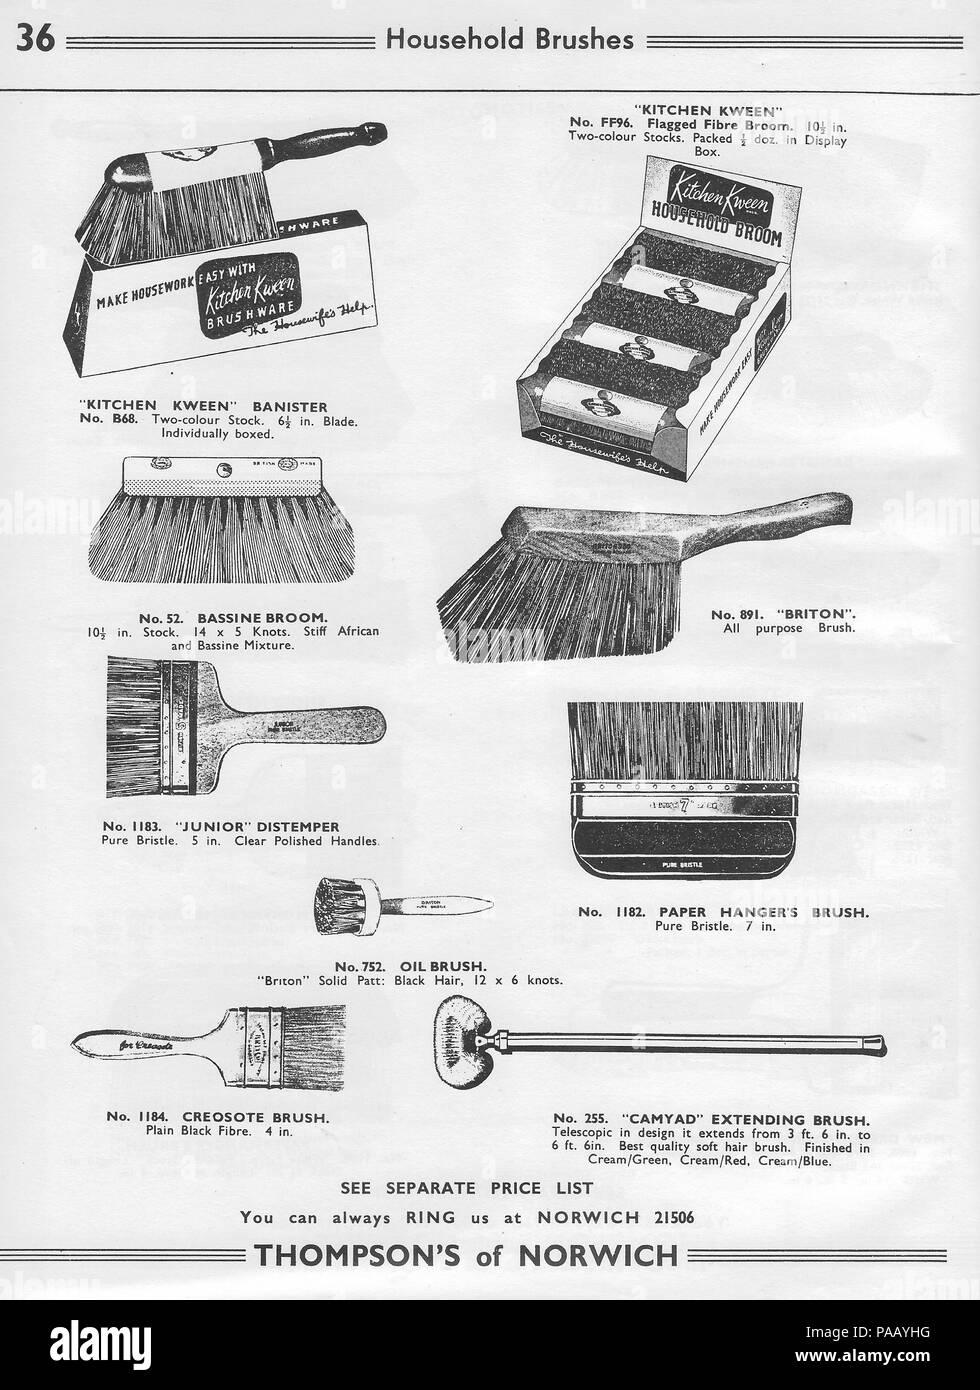 9cebbb9ef1acbe Allgemeine Großhandel Katalog hardware Faktoren H. Thompson & Sons Ltd,  Chalk Hill arbeitet, Norwich, England, ...